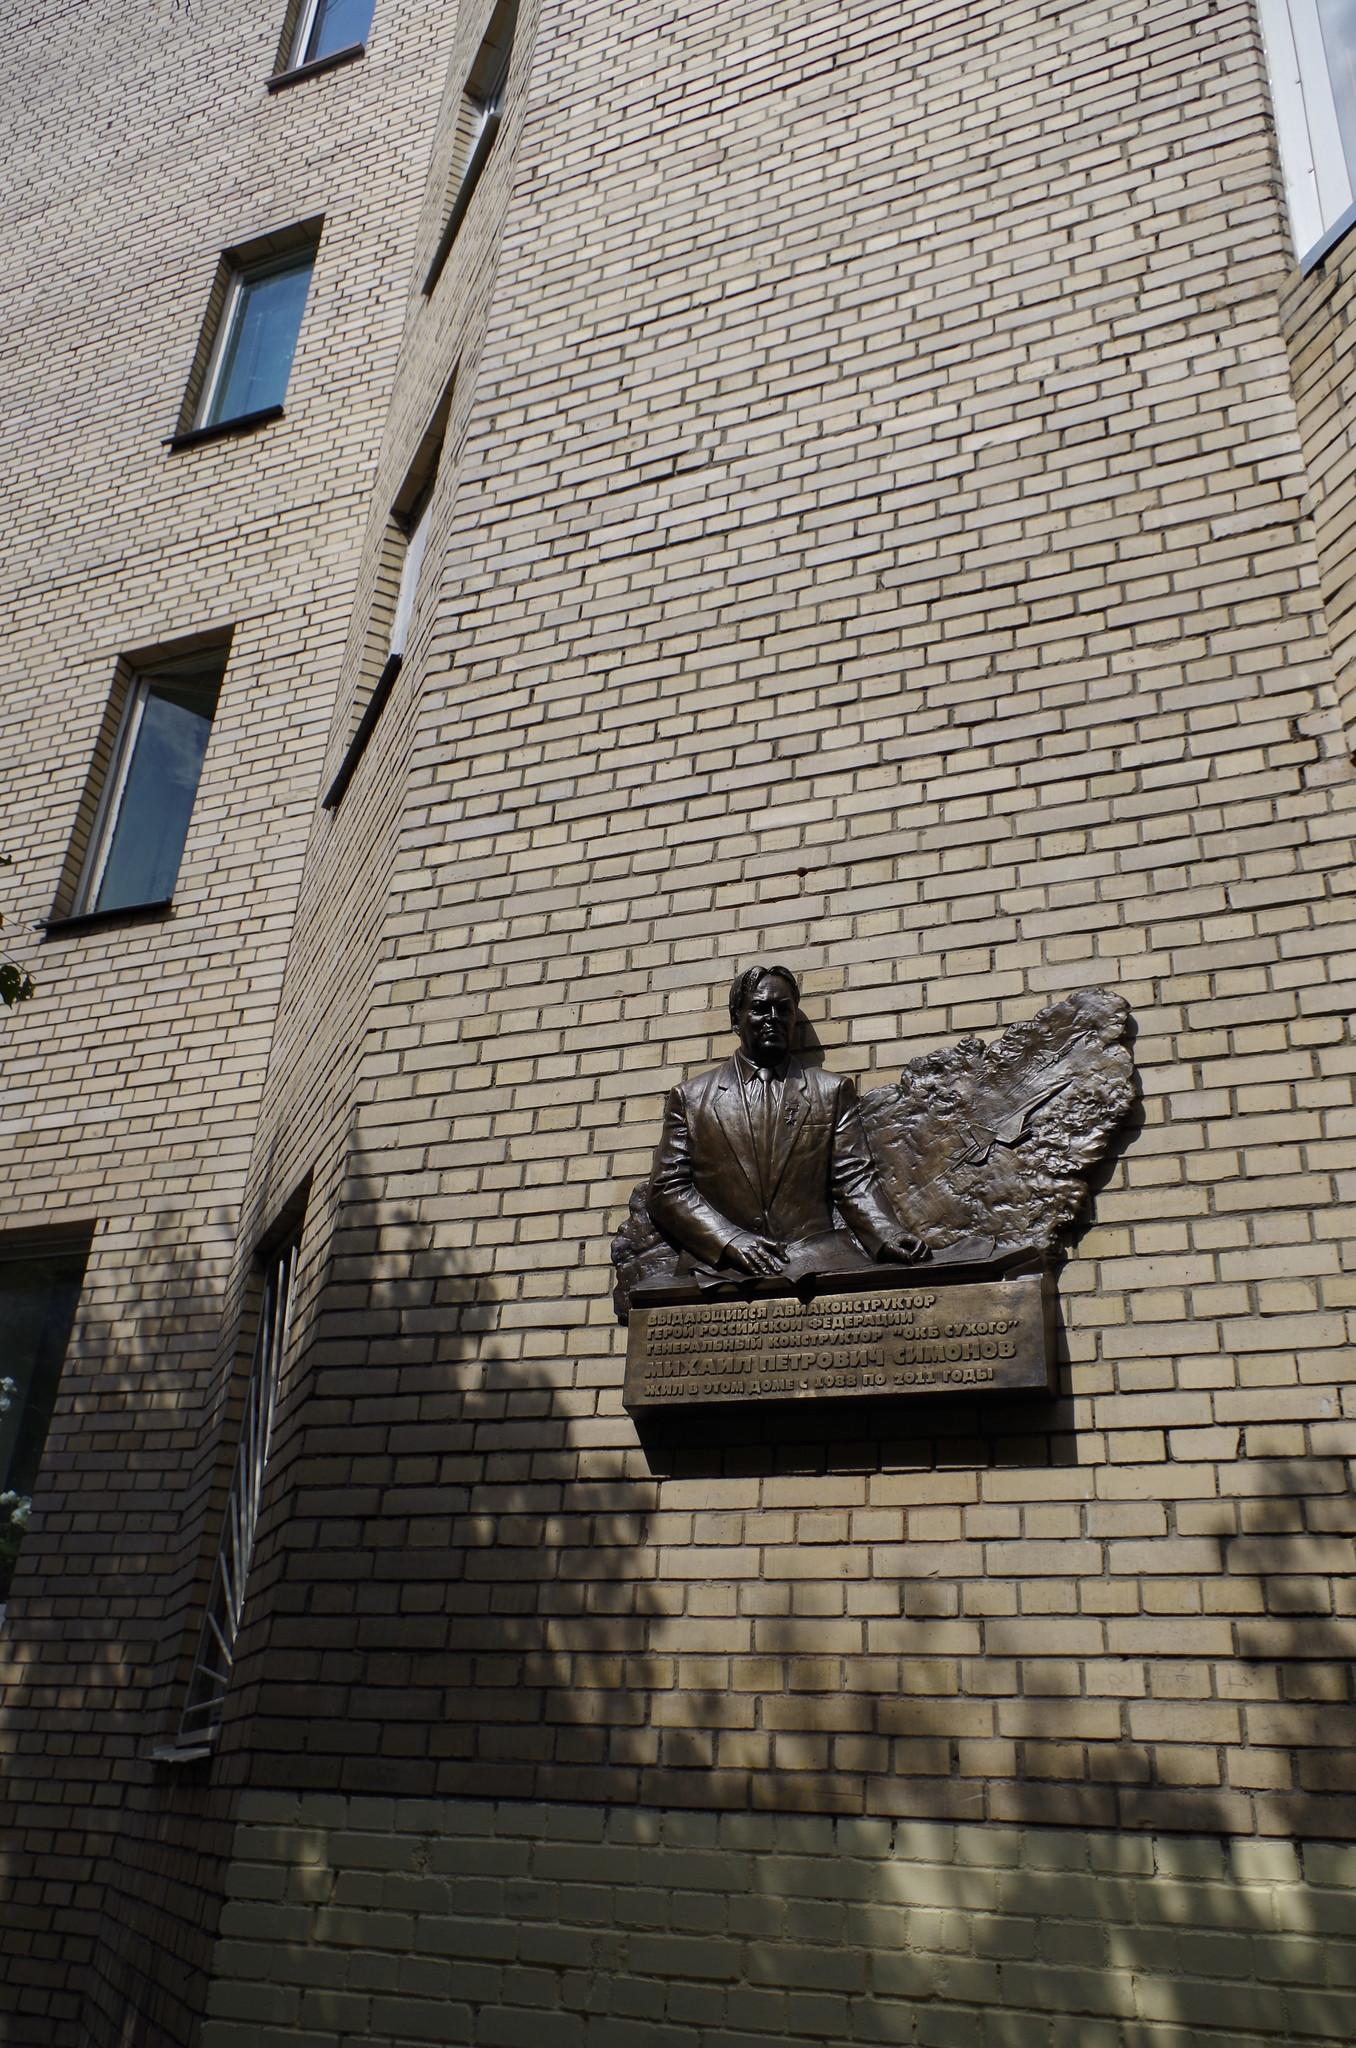 Мемориальная доска установленная на фасаде дома (Конаковский проезд, дом 8, корпус 2), где с 1988 года по 2011 год жил генеральный конструктор «ОКБ Сухого» Михаил Петрович Симонов